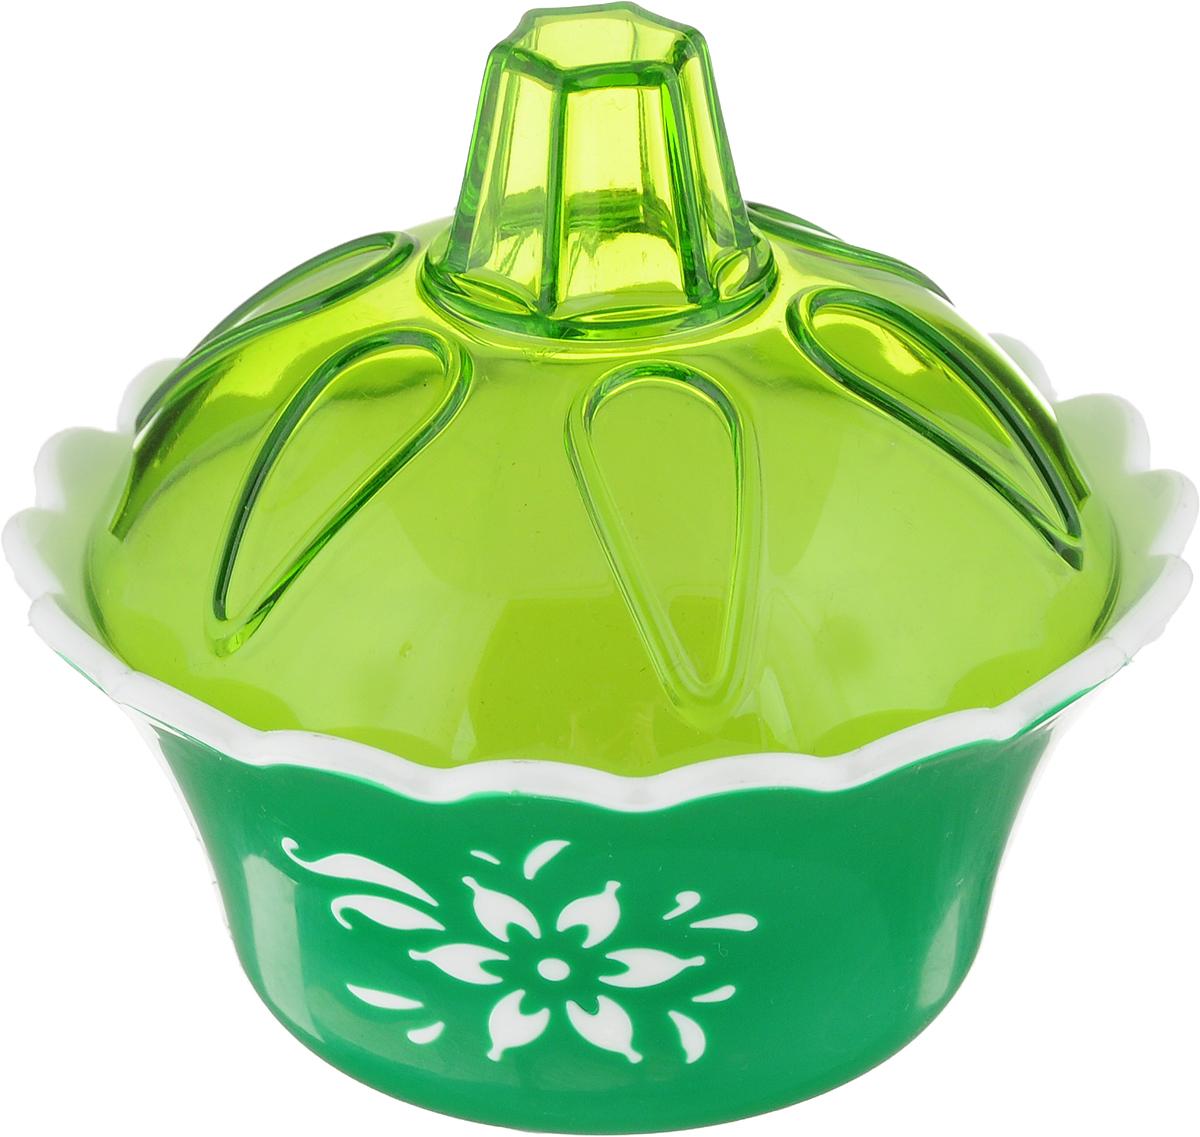 Емкость для варенья Альтернатива Премьера, с крышкой, цвет: зеленый, белый, салатовый, 200 млМ2215_зеленый, белый, салатовыйЕмкость Альтернатива Премьера, изготовленная из прочного пищевого пластика, оснащенакрышкой. Внешние стенки емкости оформлены цветочным рисунком. Изделие прекрасноподойдет для хранения варенья или меда. Такая емкость придется по вкусу любителямклассического стиля. Изящная форма и яркий дизайн сделают ее украшением вашего кухонного стола.Диаметр емкости (по верхнему краю): 10,5 см. Высота емкости (без учета крышки): 5 см.